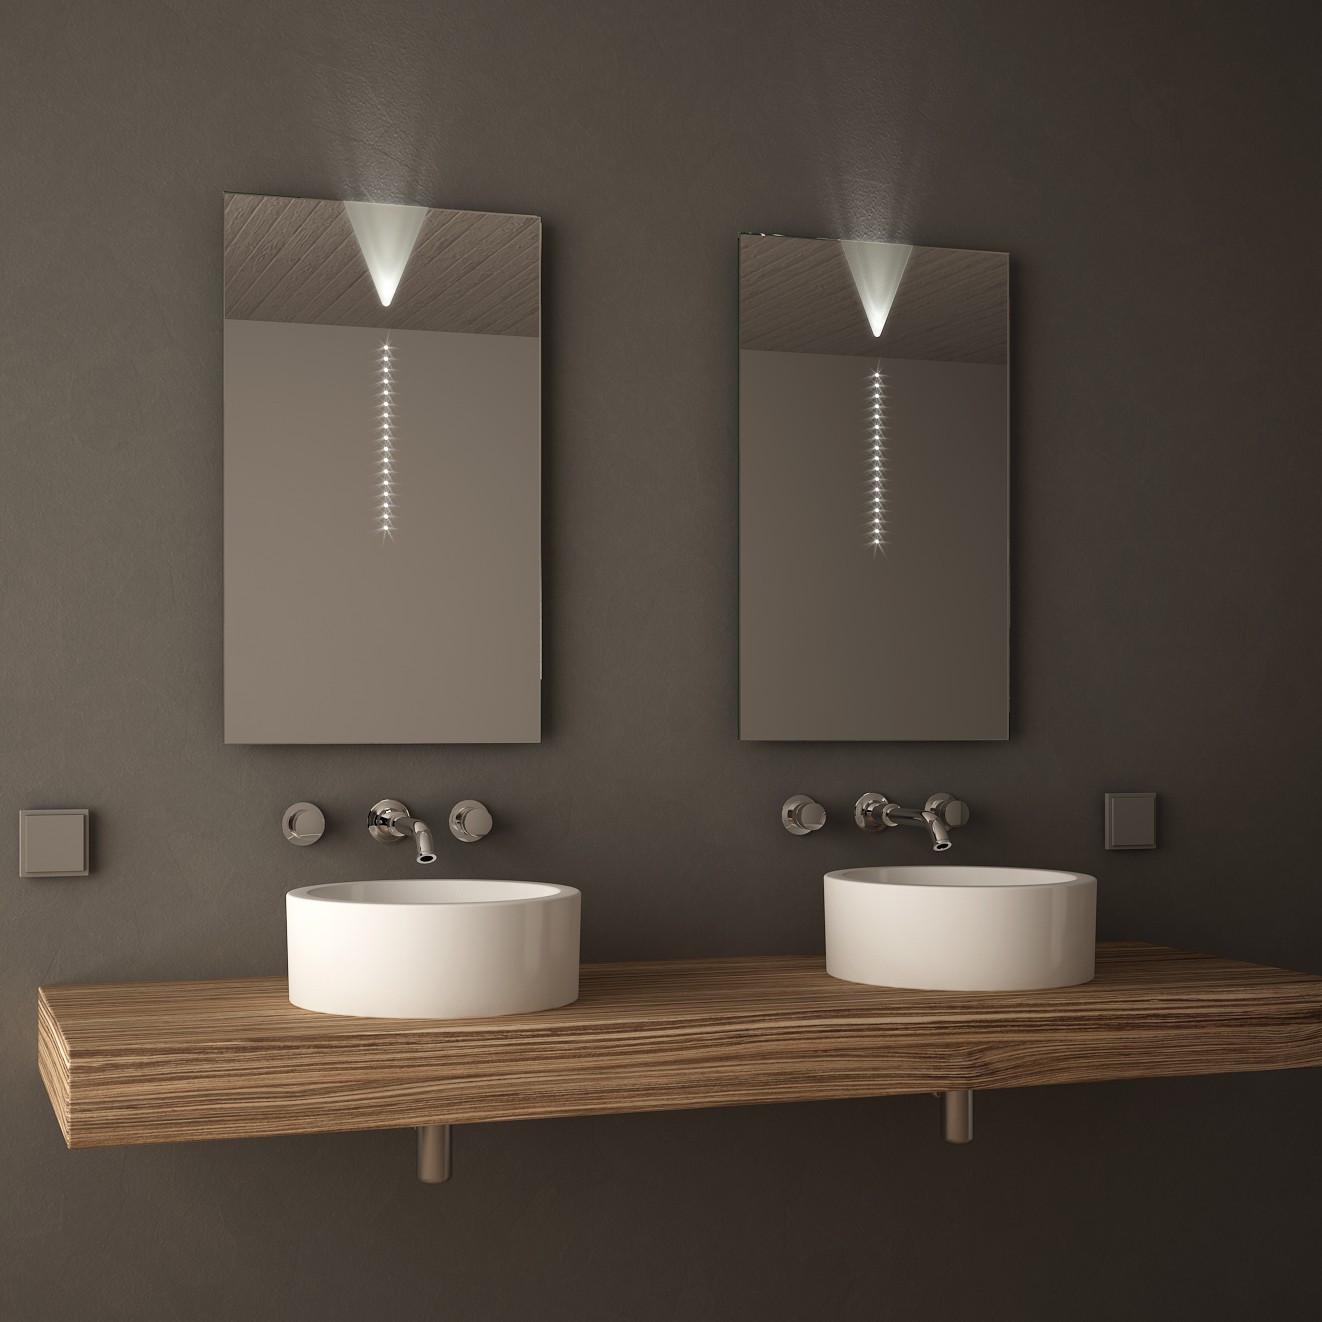 Spiegel Mit Beleuchtung  Badspiegel mit Beleuchtung Pupilla ★ LED Badspiegel